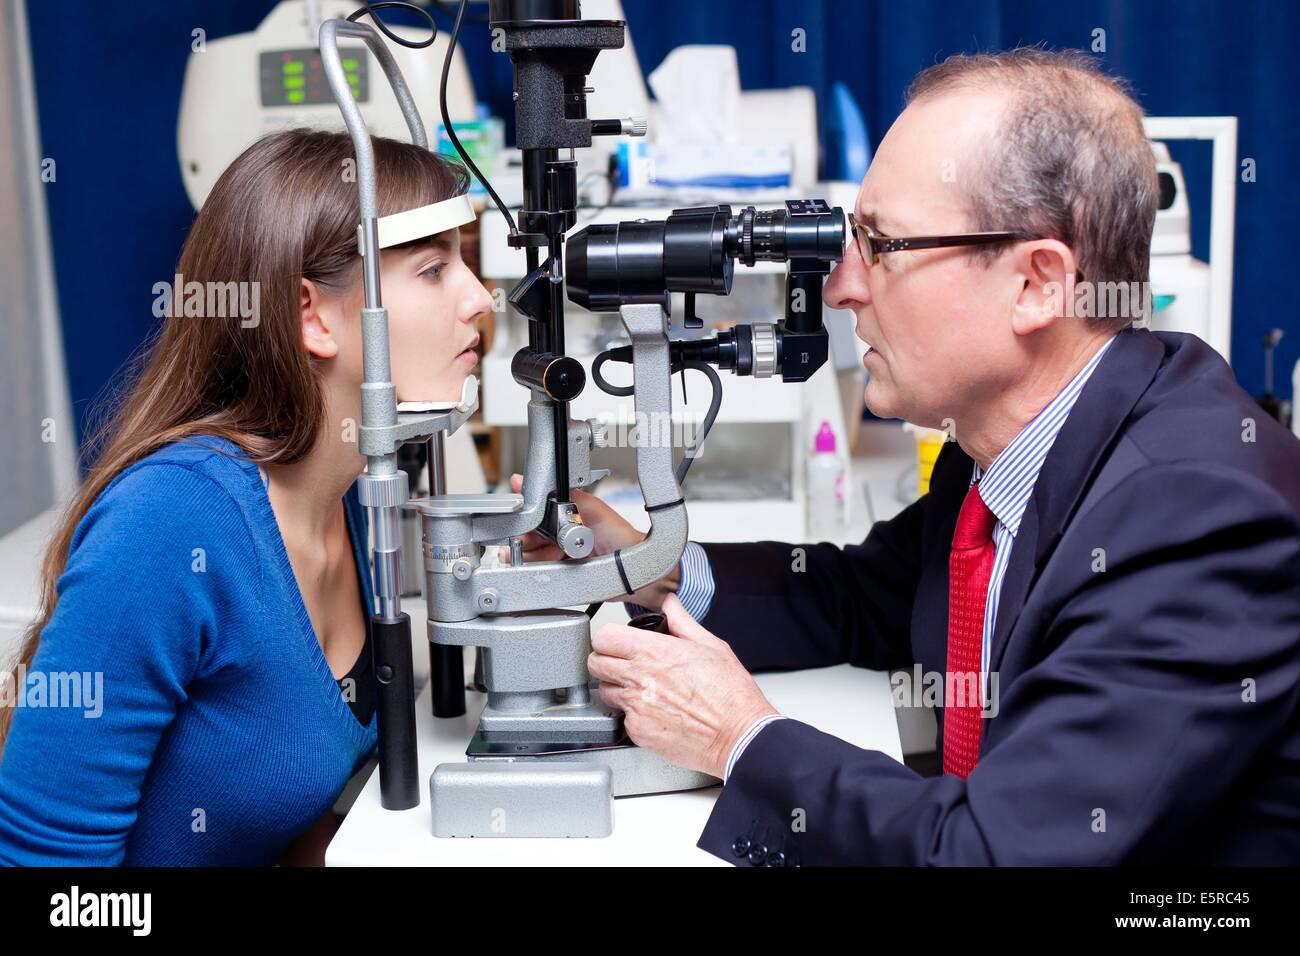 Fundus Of The Eye Stockfotos und -bilder Kaufen - Alamy